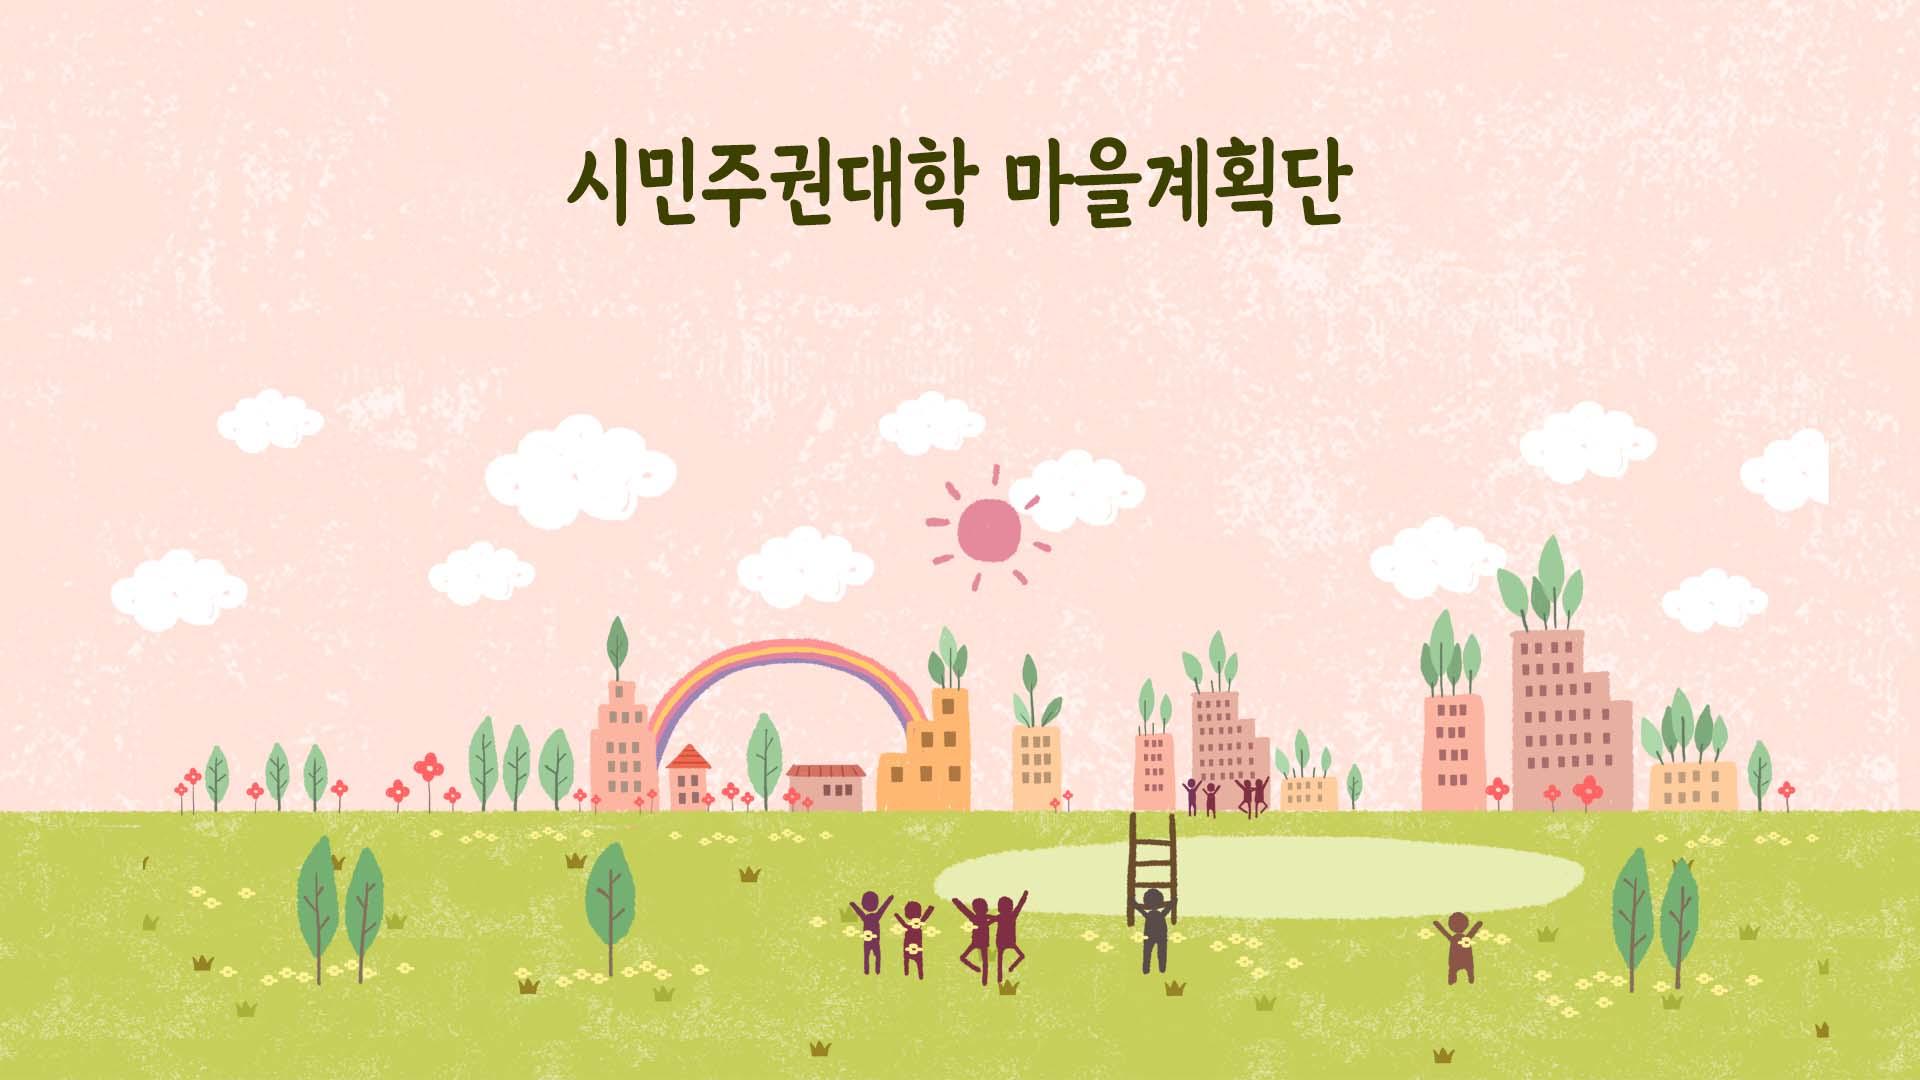 <2019년 9월 시정소통영상> 시민주권대학 마을계획단